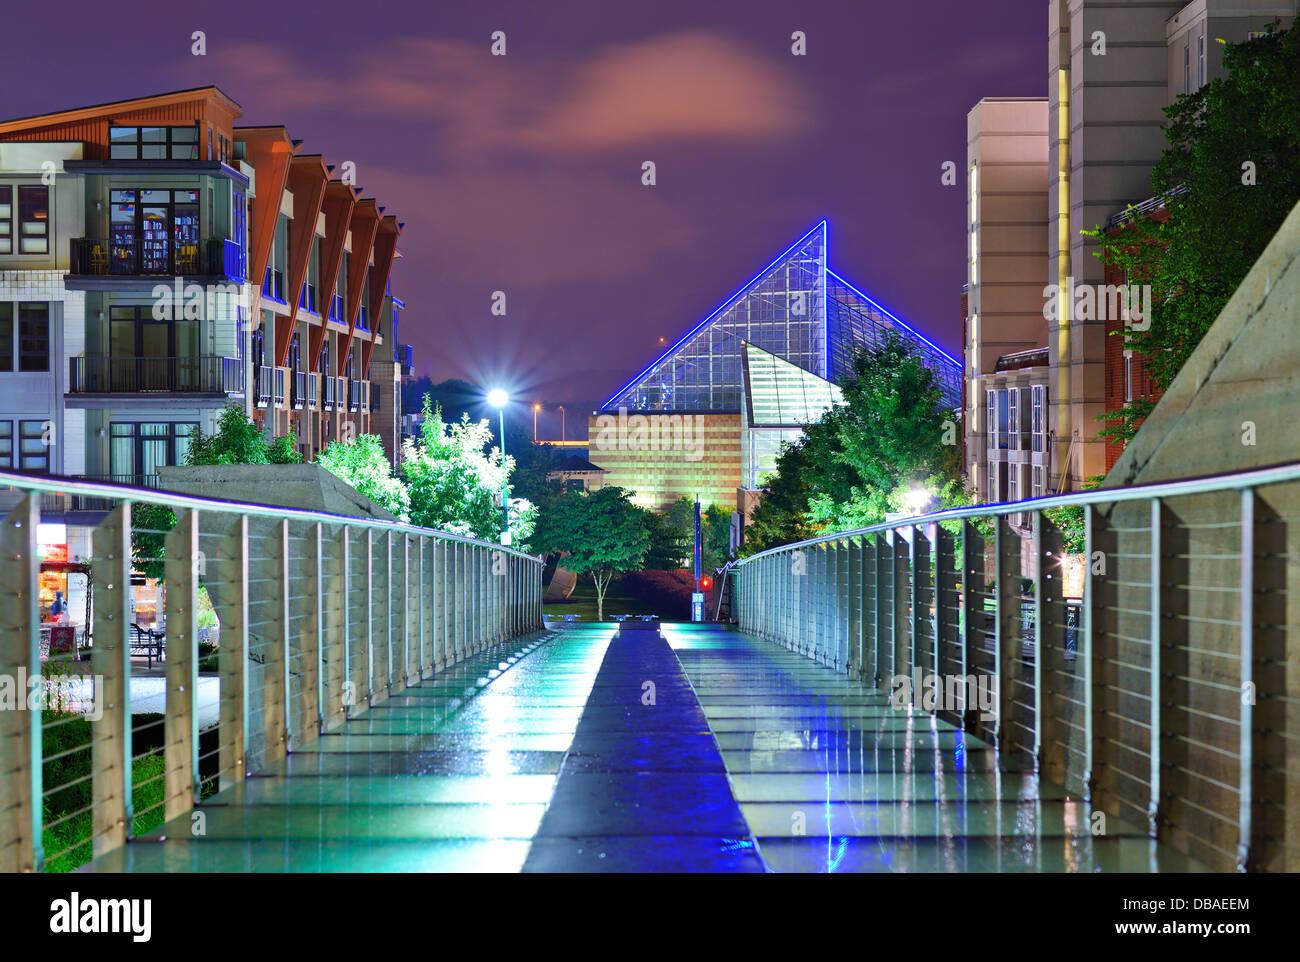 Scena urbana nel centro cittadino di Chattanooga, Tennessee, Stati Uniti d'America. Immagini Stock